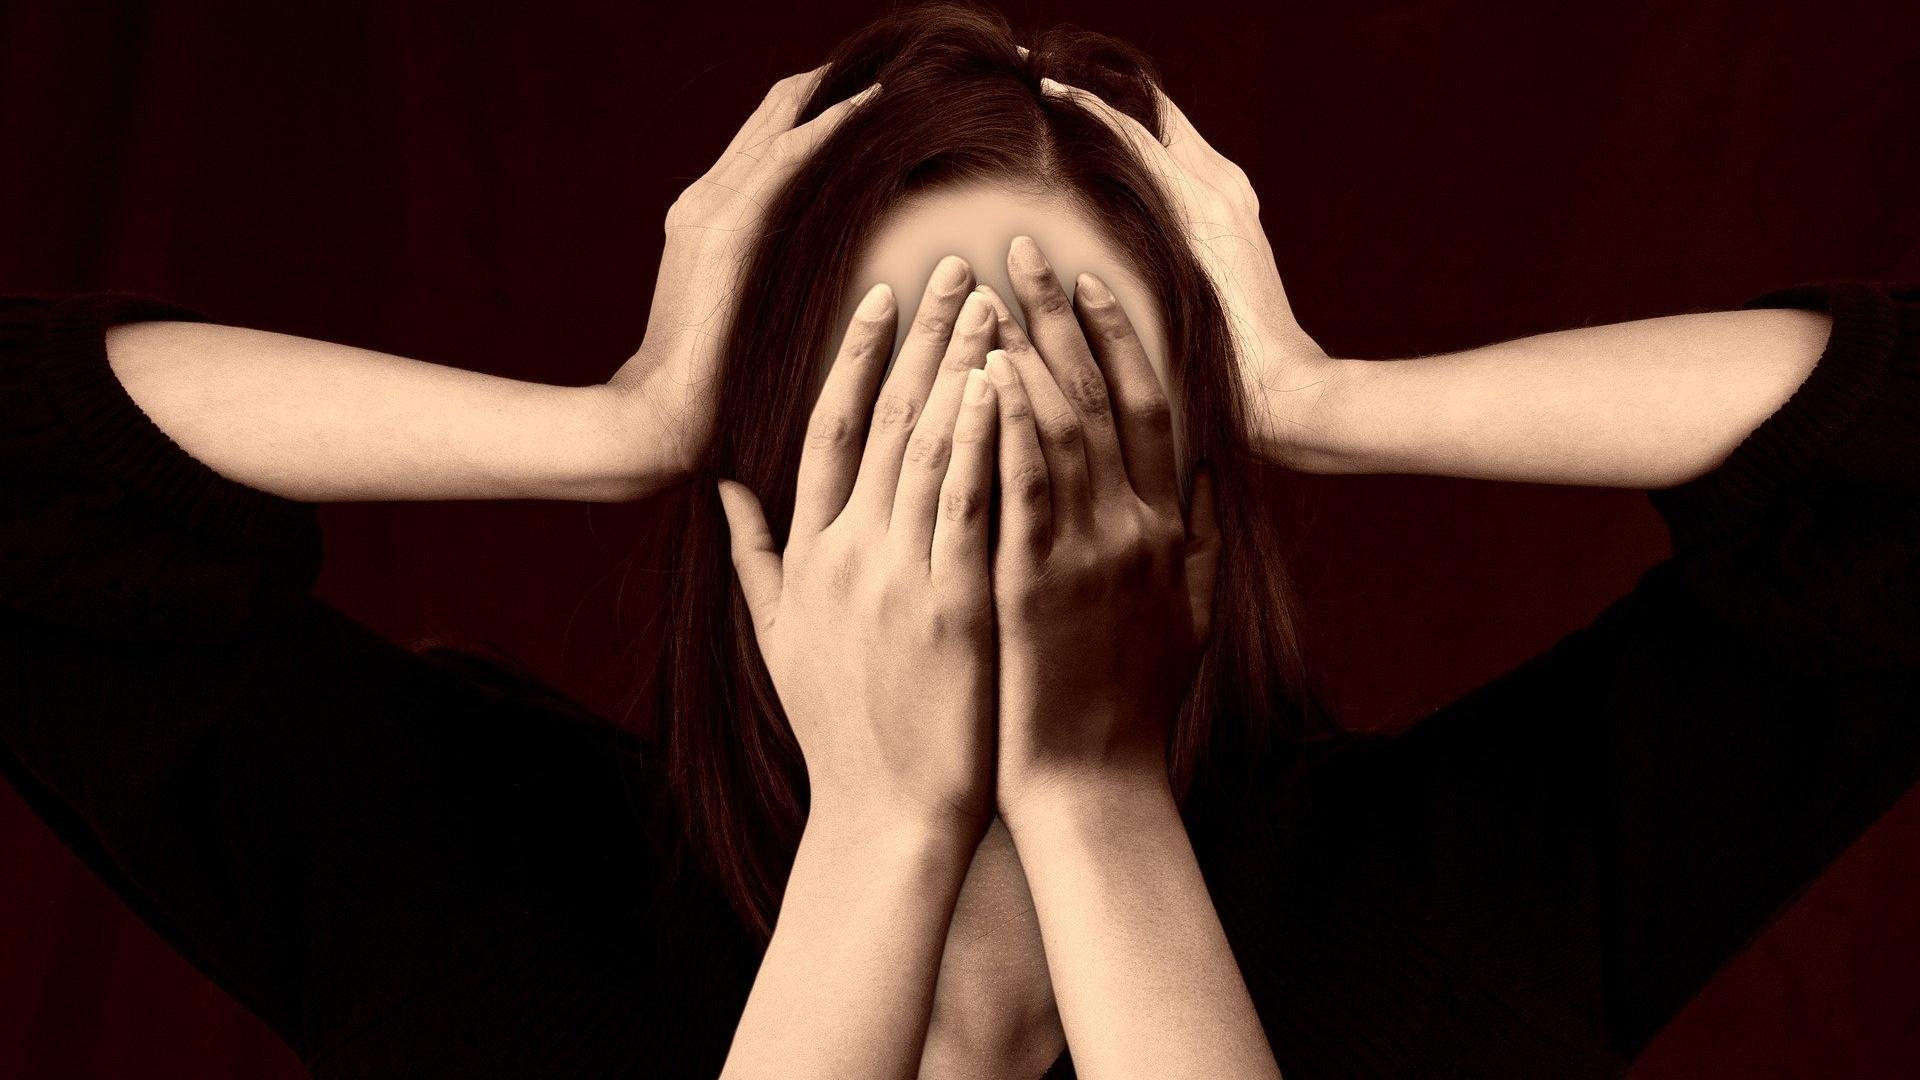 Hochsensible Menschen haben eine besonders starke Reaktion auf äußere Einflüsse und empfinden Emotionen stärker.